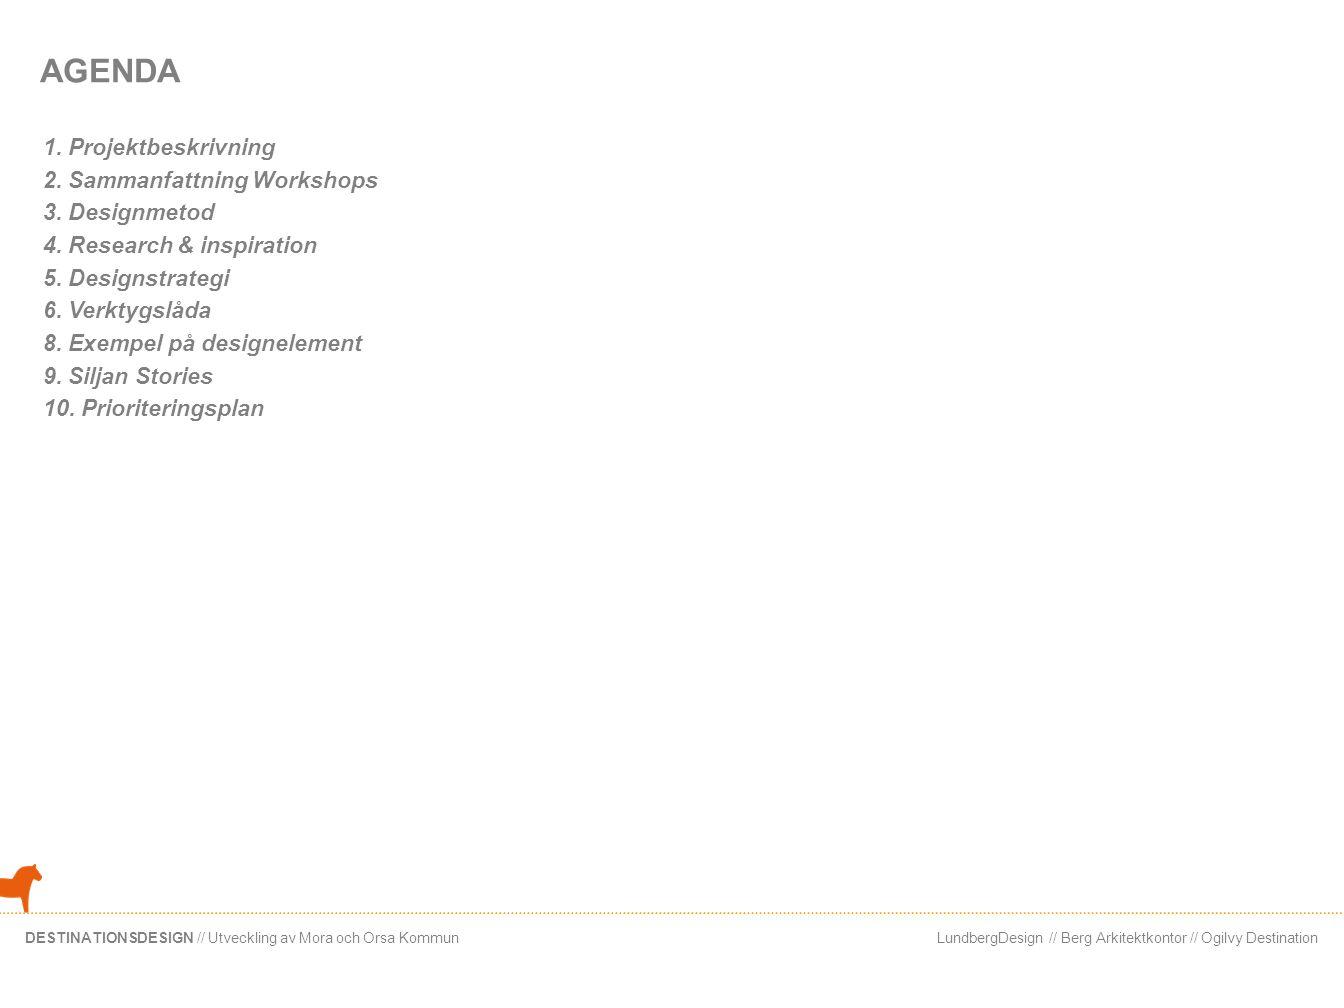 LundbergDesign // Berg Arkitektkontor // Ogilvy DestinationDESTINATIONSDESIGN // Utveckling av Mora och Orsa Kommun AGENDA 1. Projektbeskrivning 2. Sa